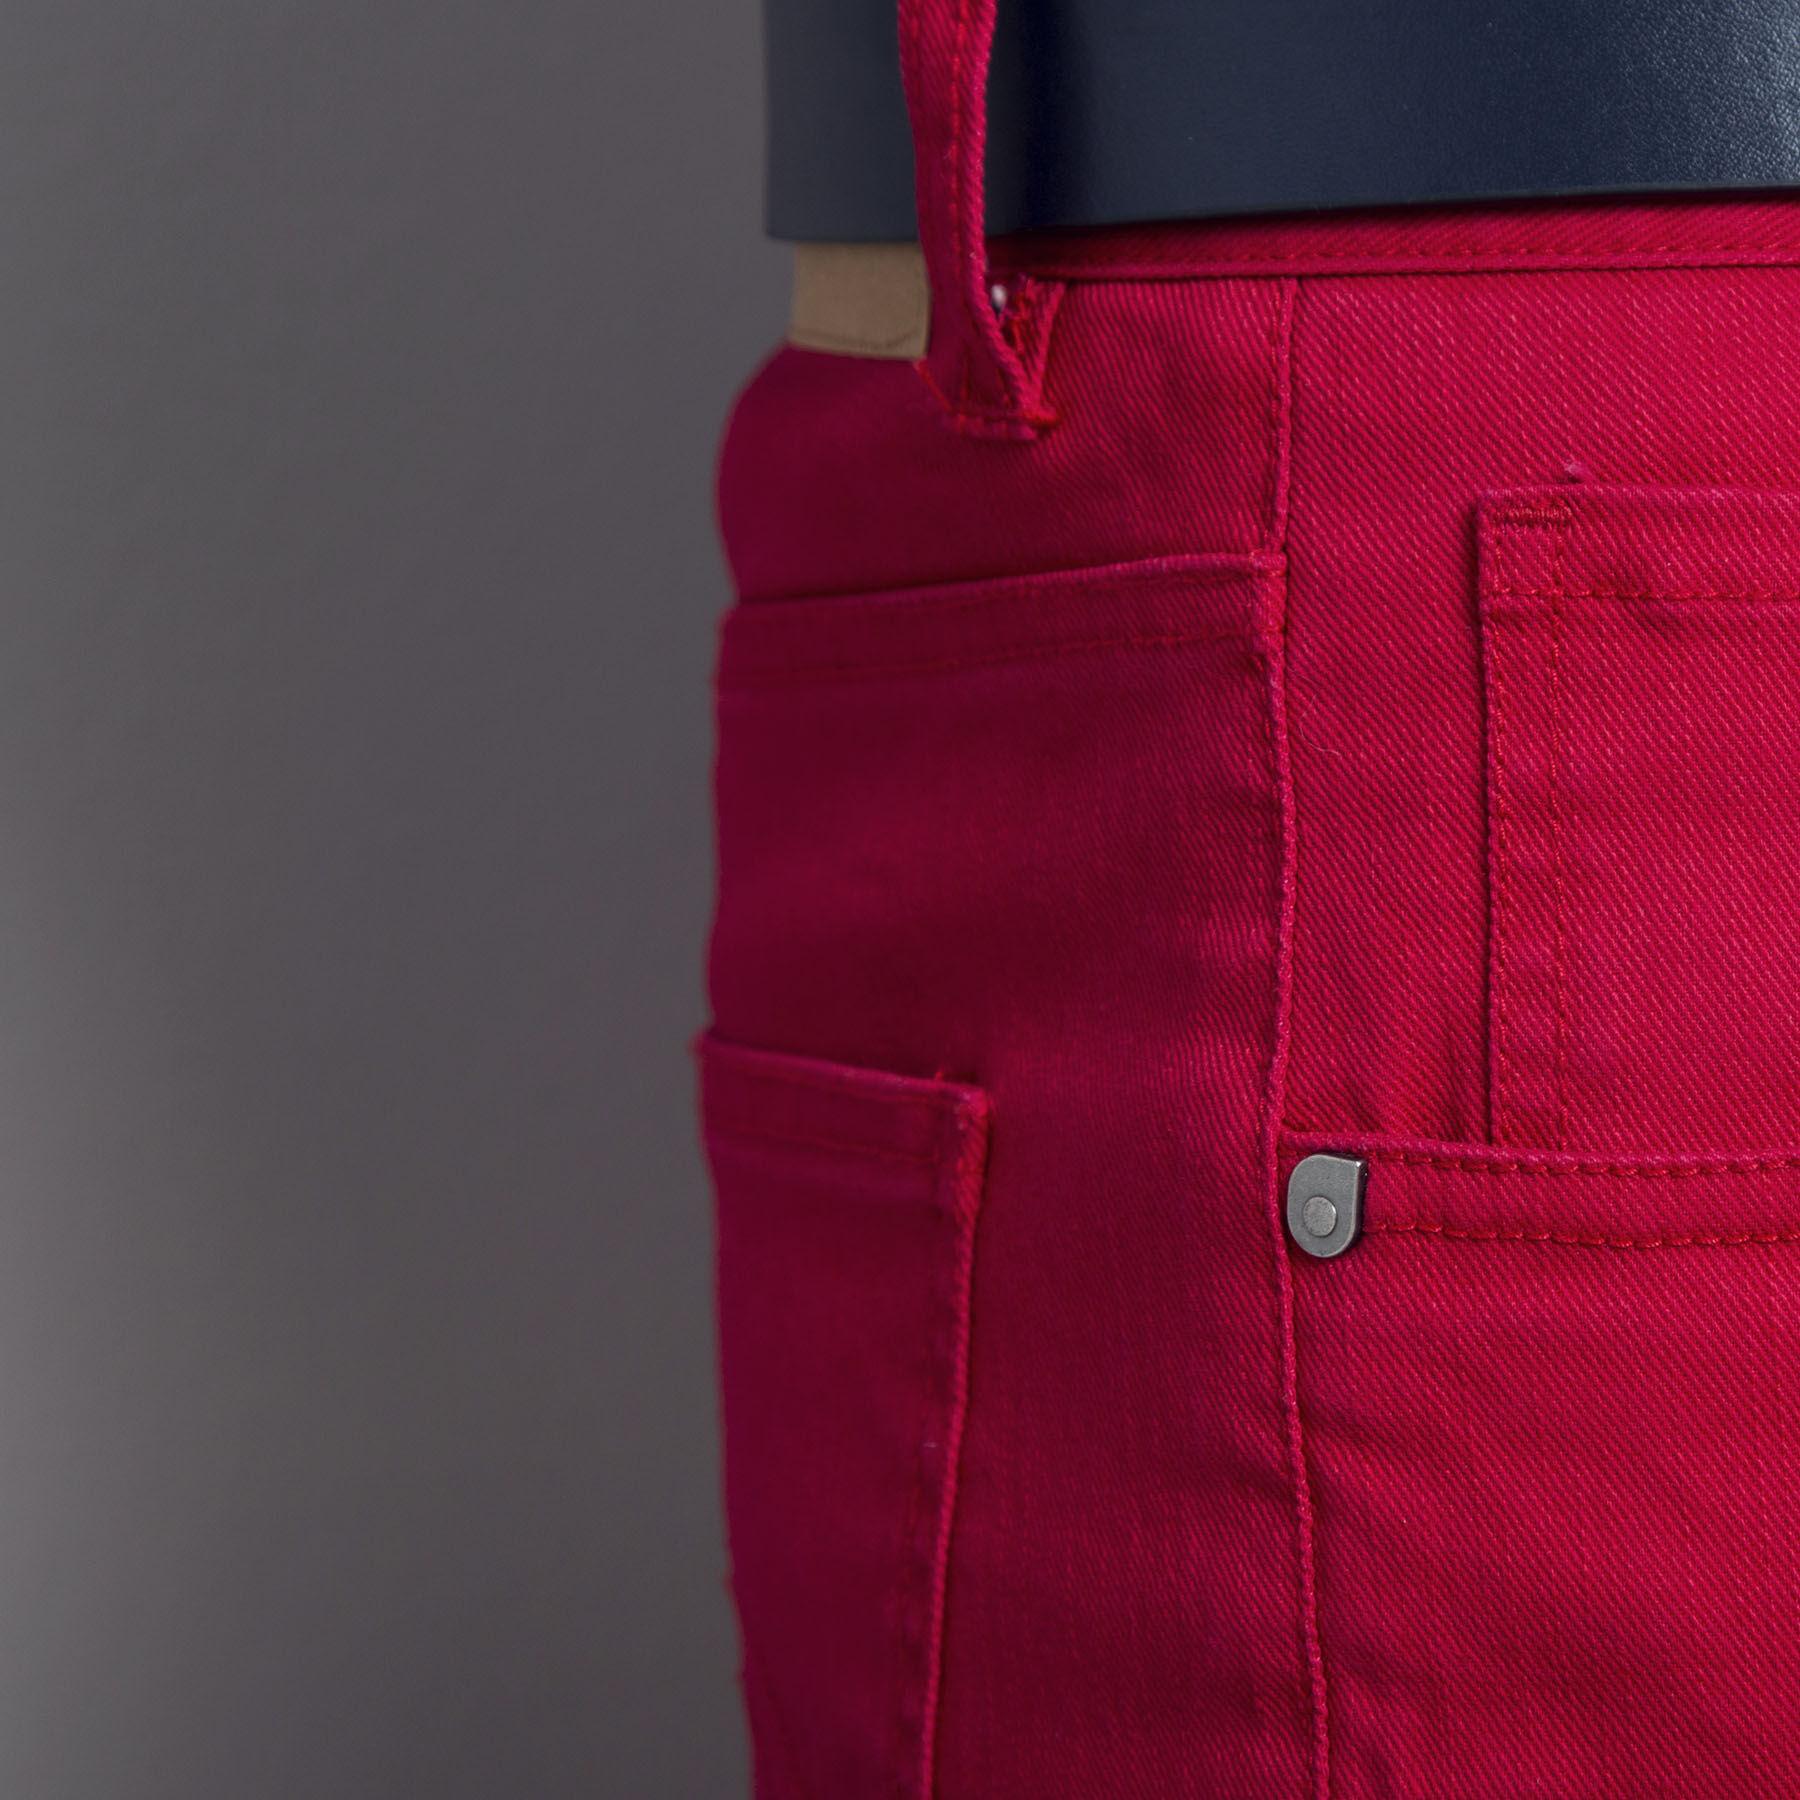 pantalon 5 poches slim rouge homme jules. Black Bedroom Furniture Sets. Home Design Ideas